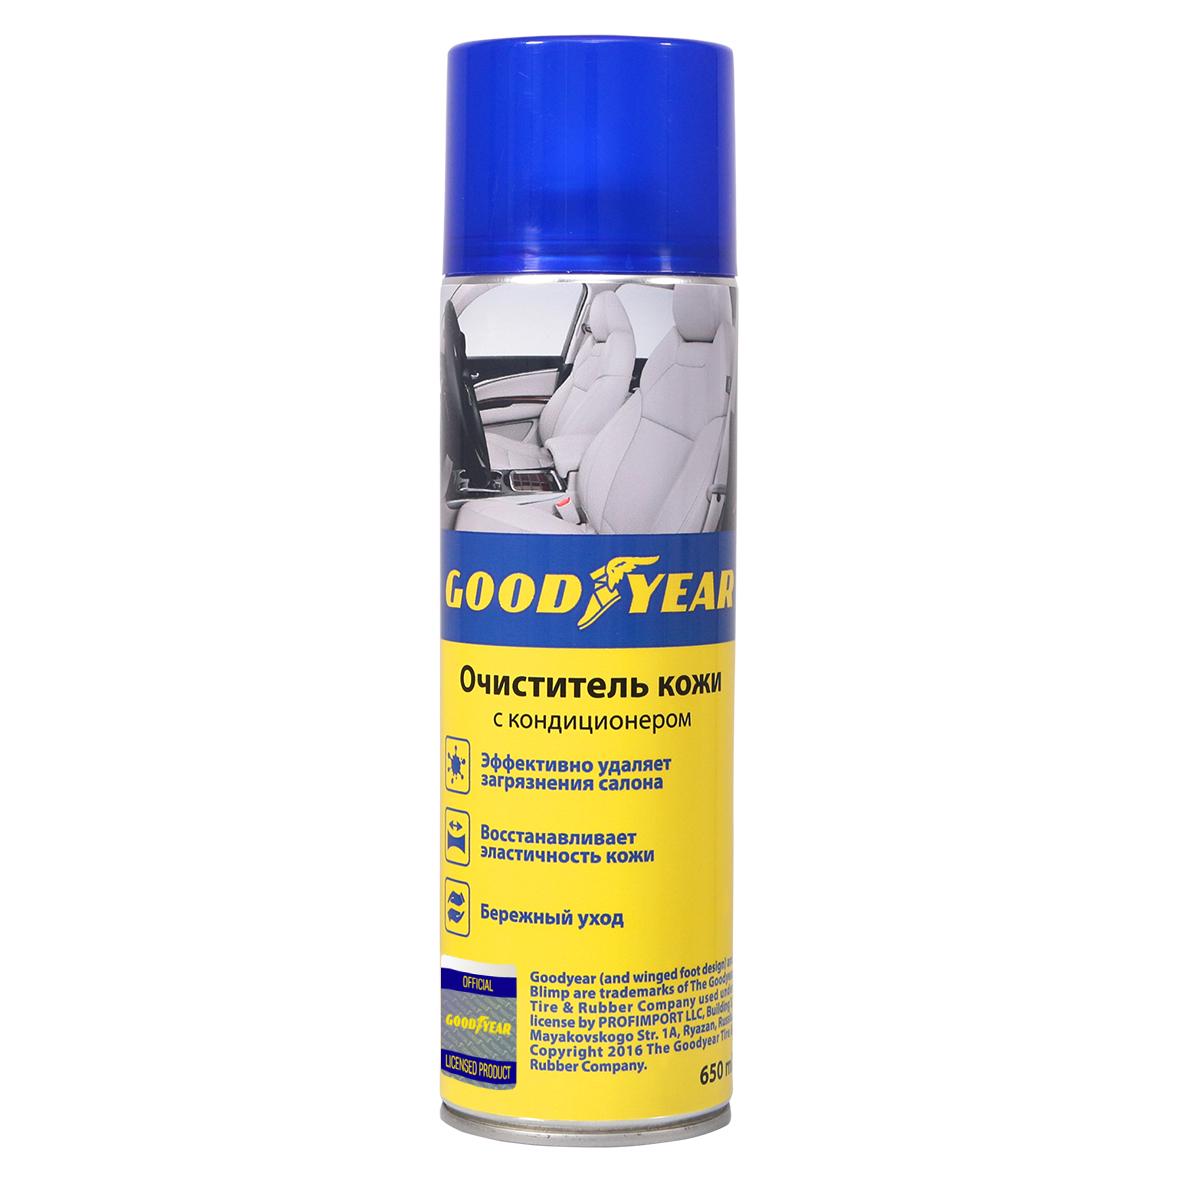 Очиститель кожи с кондиционером GoodYear аэрозоль 650 мл